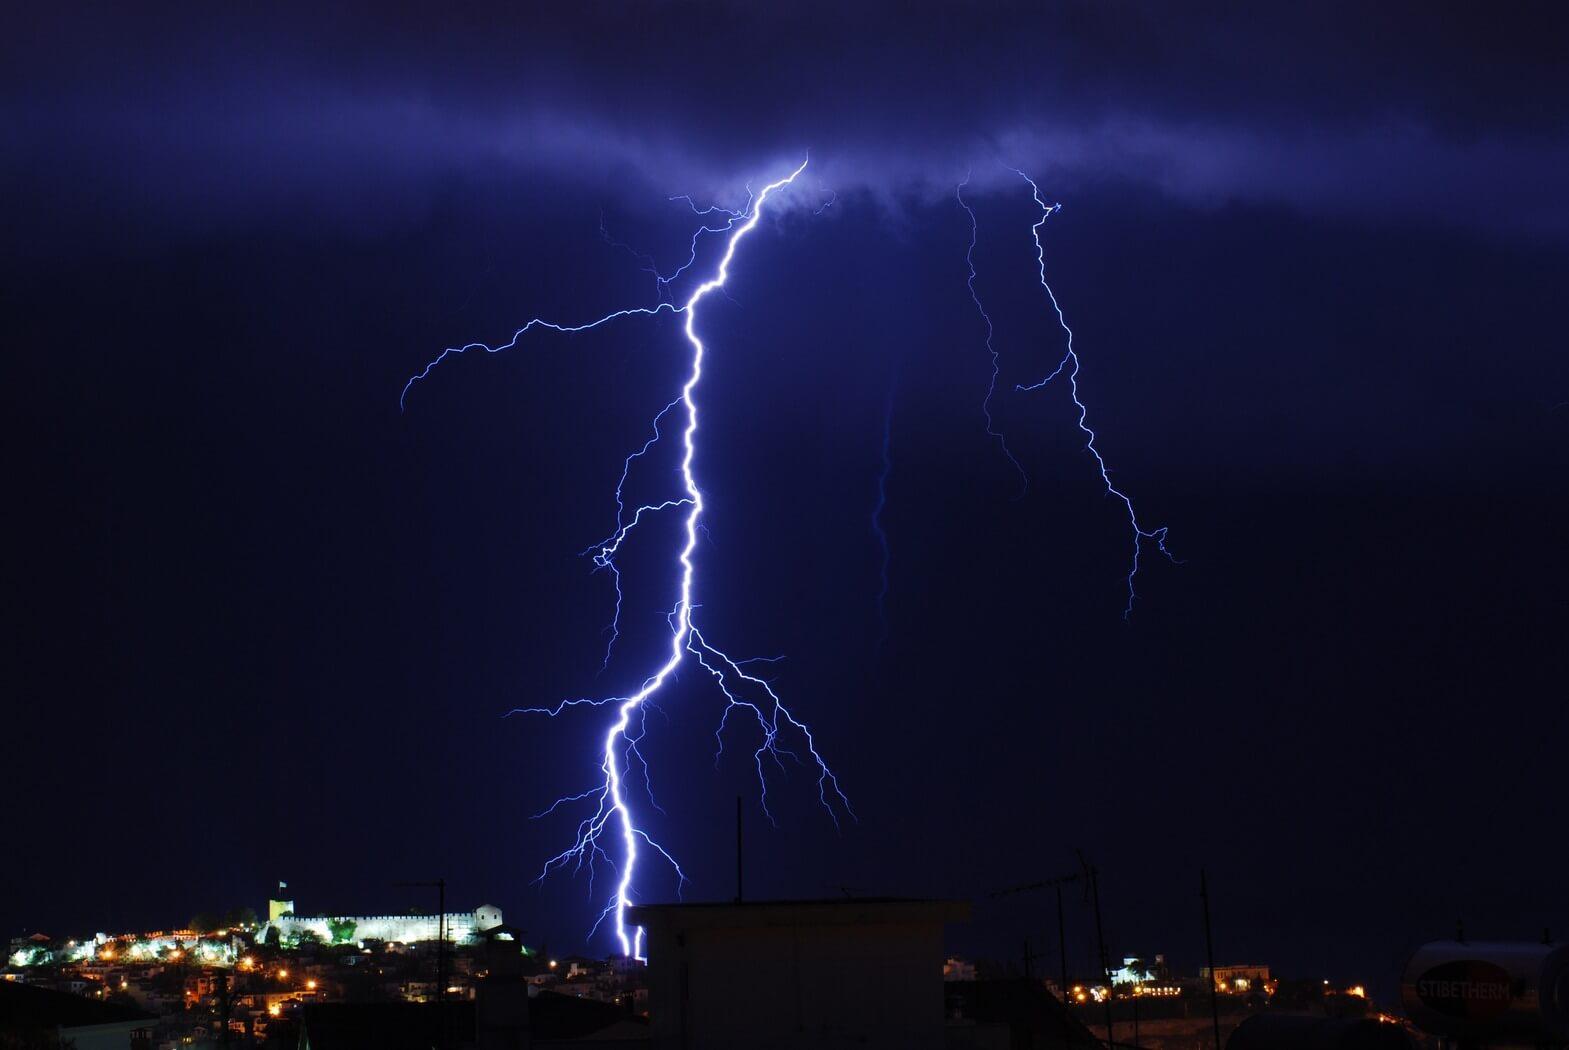 Καταιγίδες και χαλαζοπτώσεις τις επόμενες ώρες